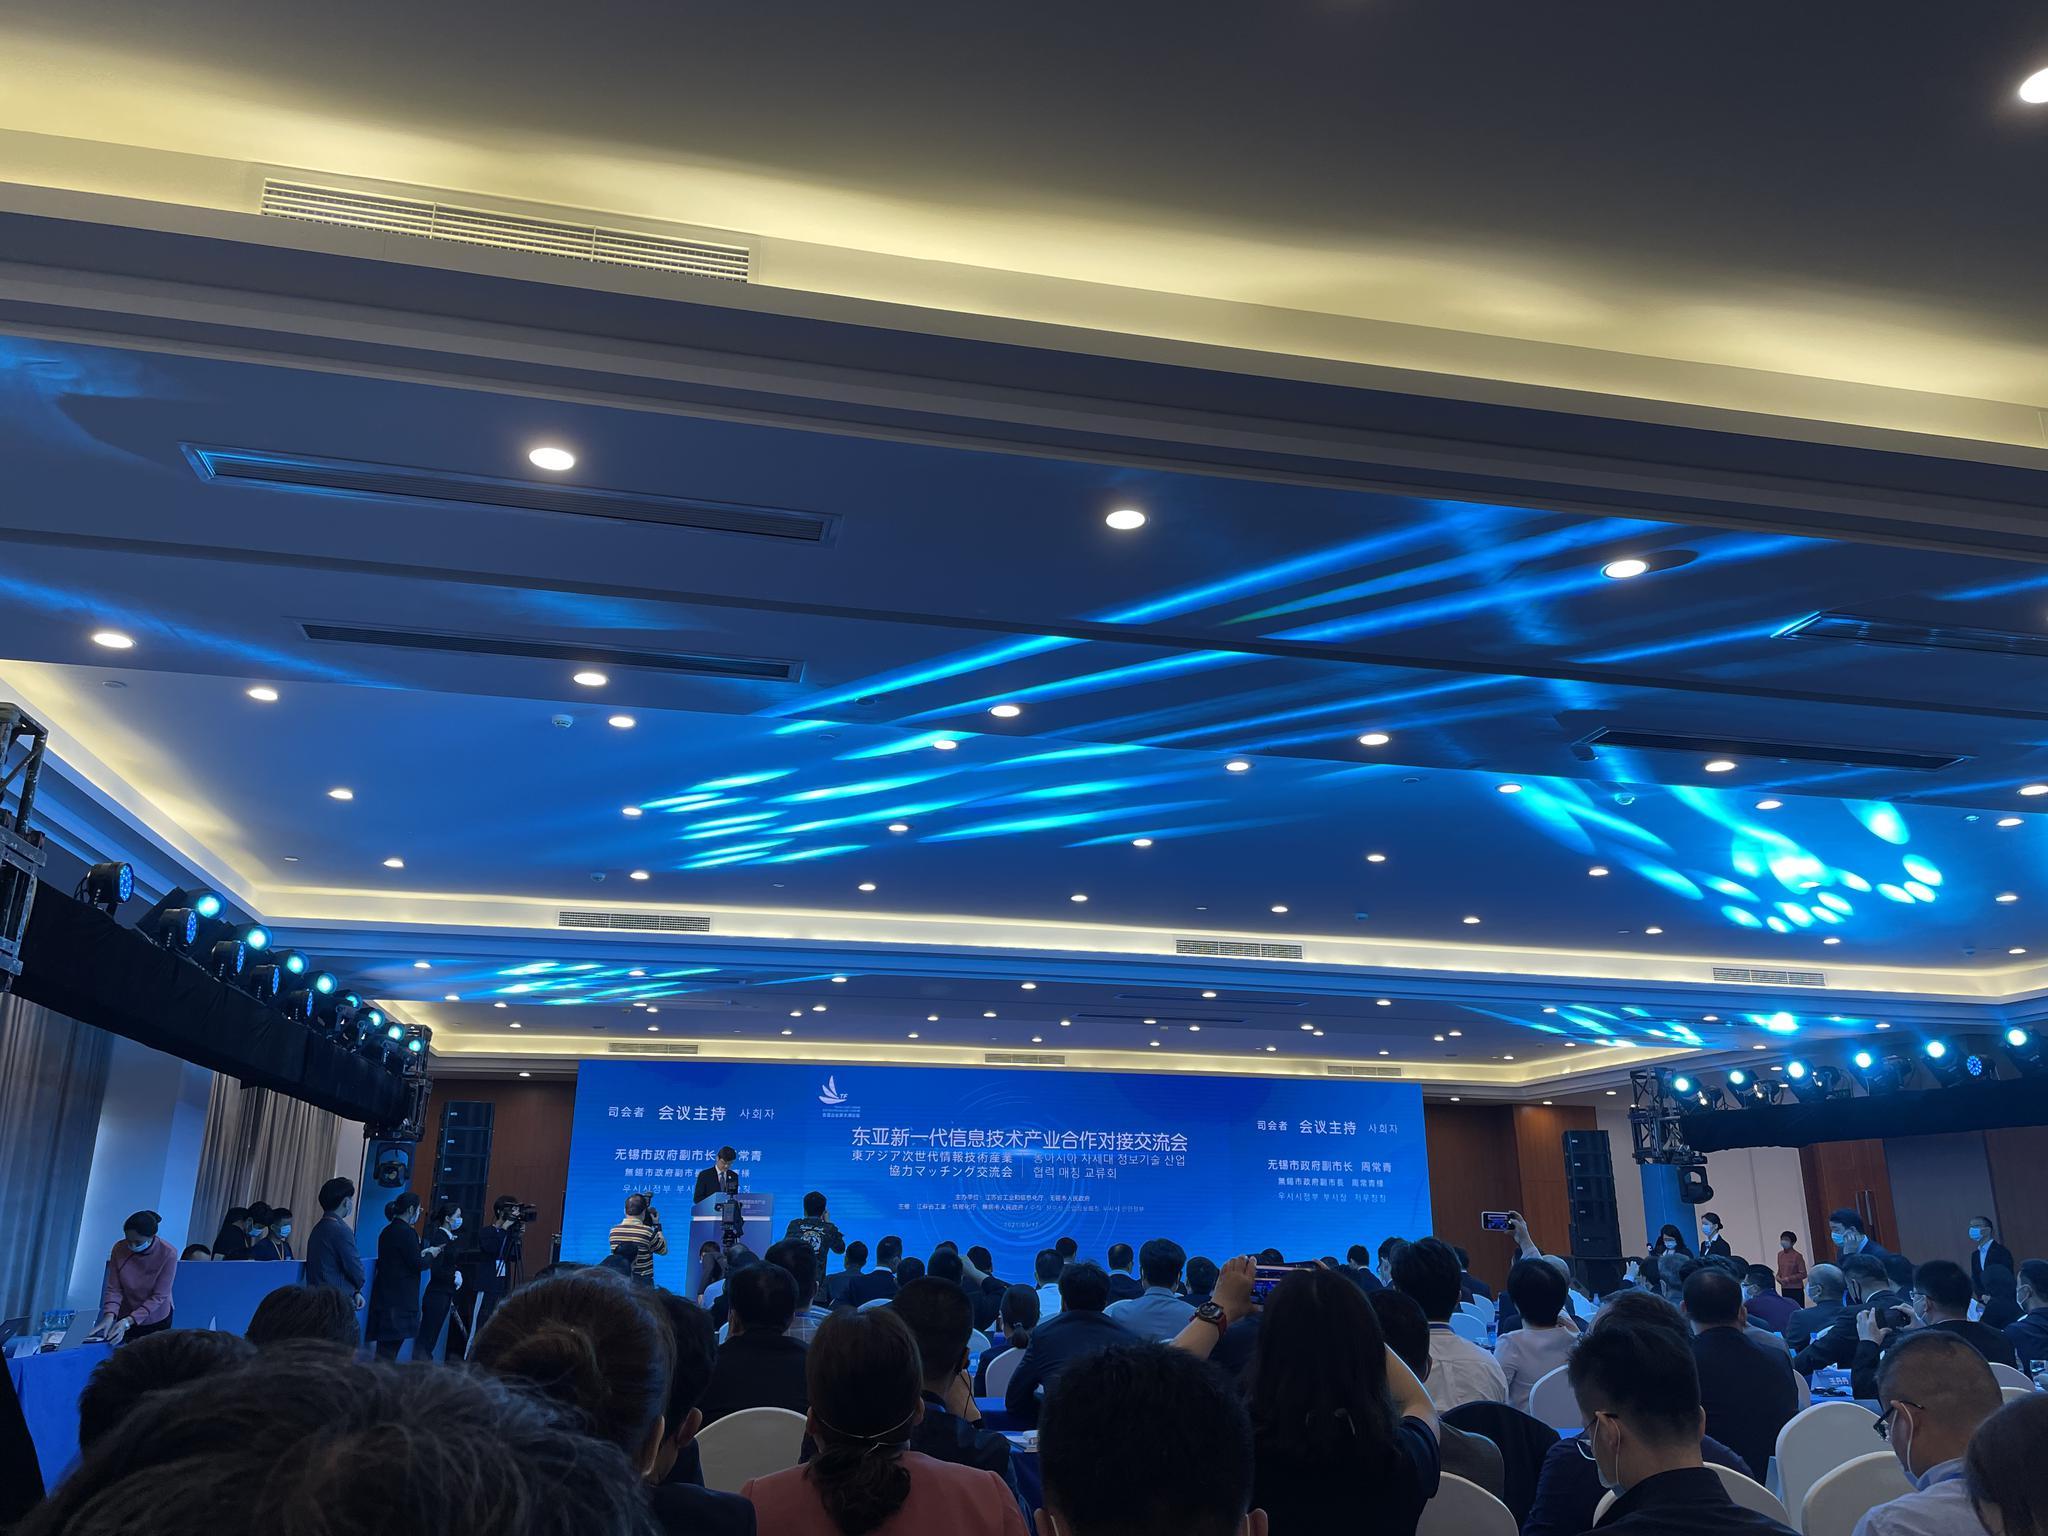 江苏与日韩在新一代信息技术产业如何合作?他们在太湖之畔掀起滚滚浪潮